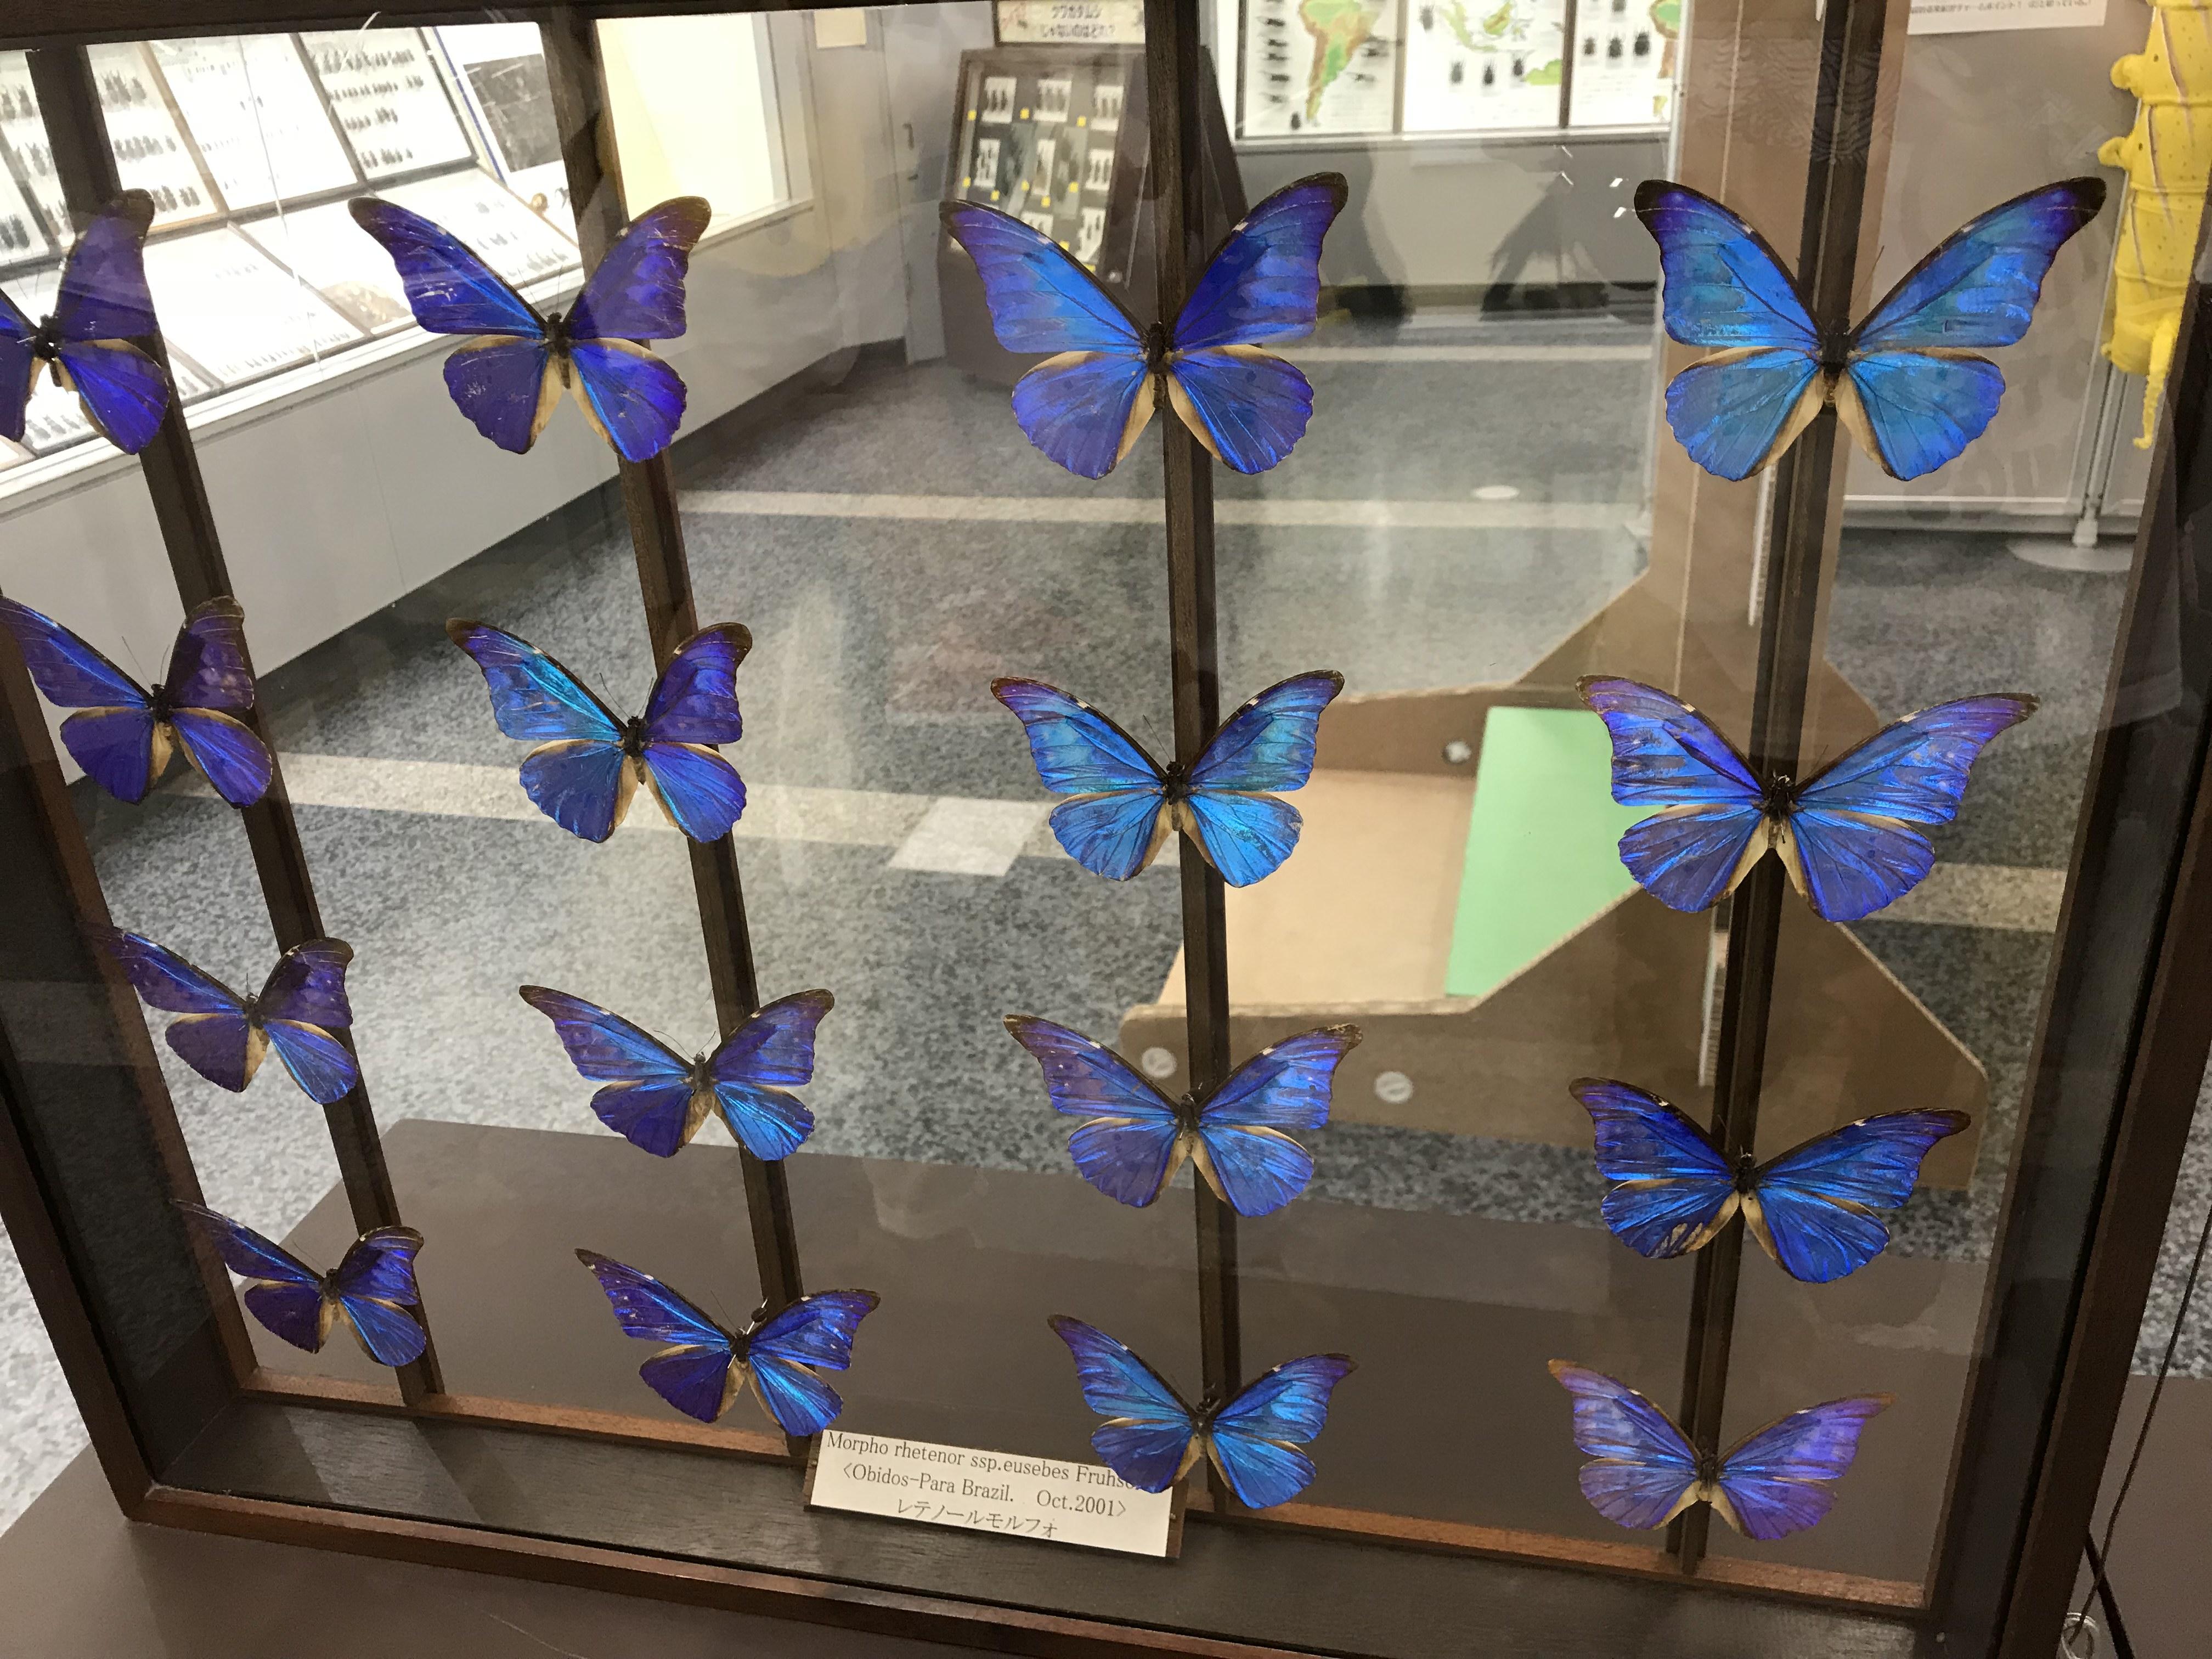 昆虫博物館 蝶 標本